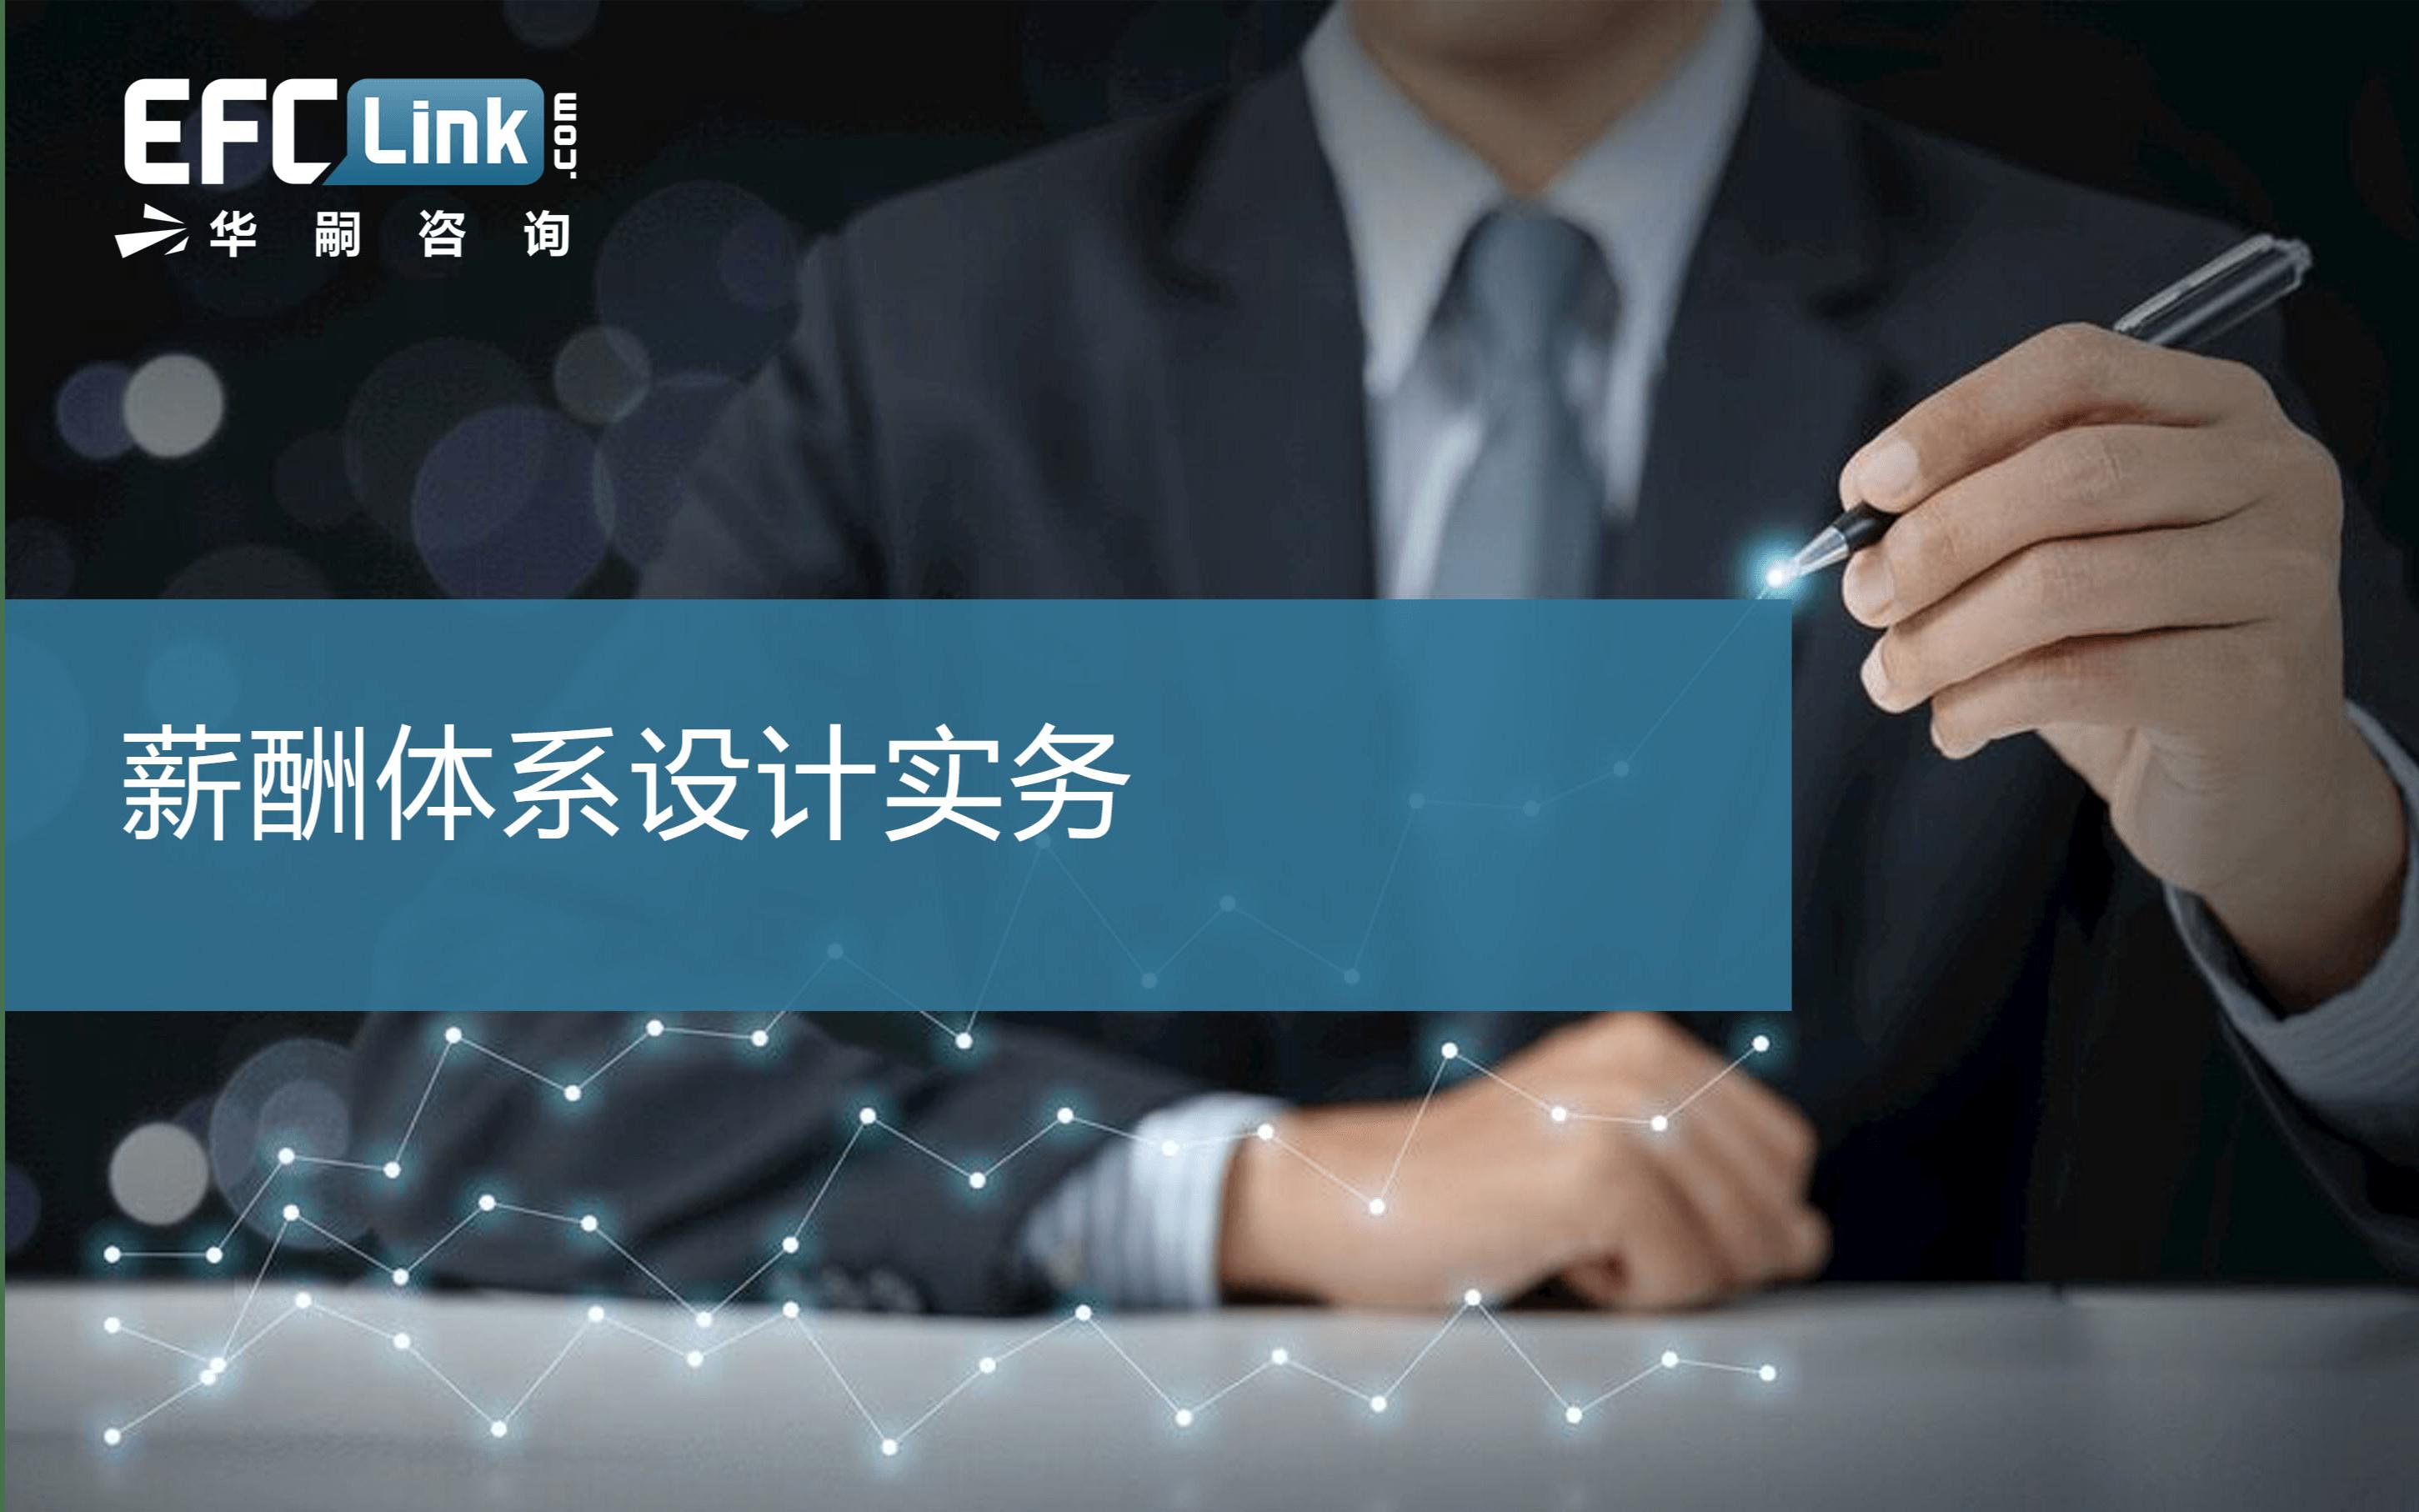 薪酬体系设计实务2020(北京-4月15日)